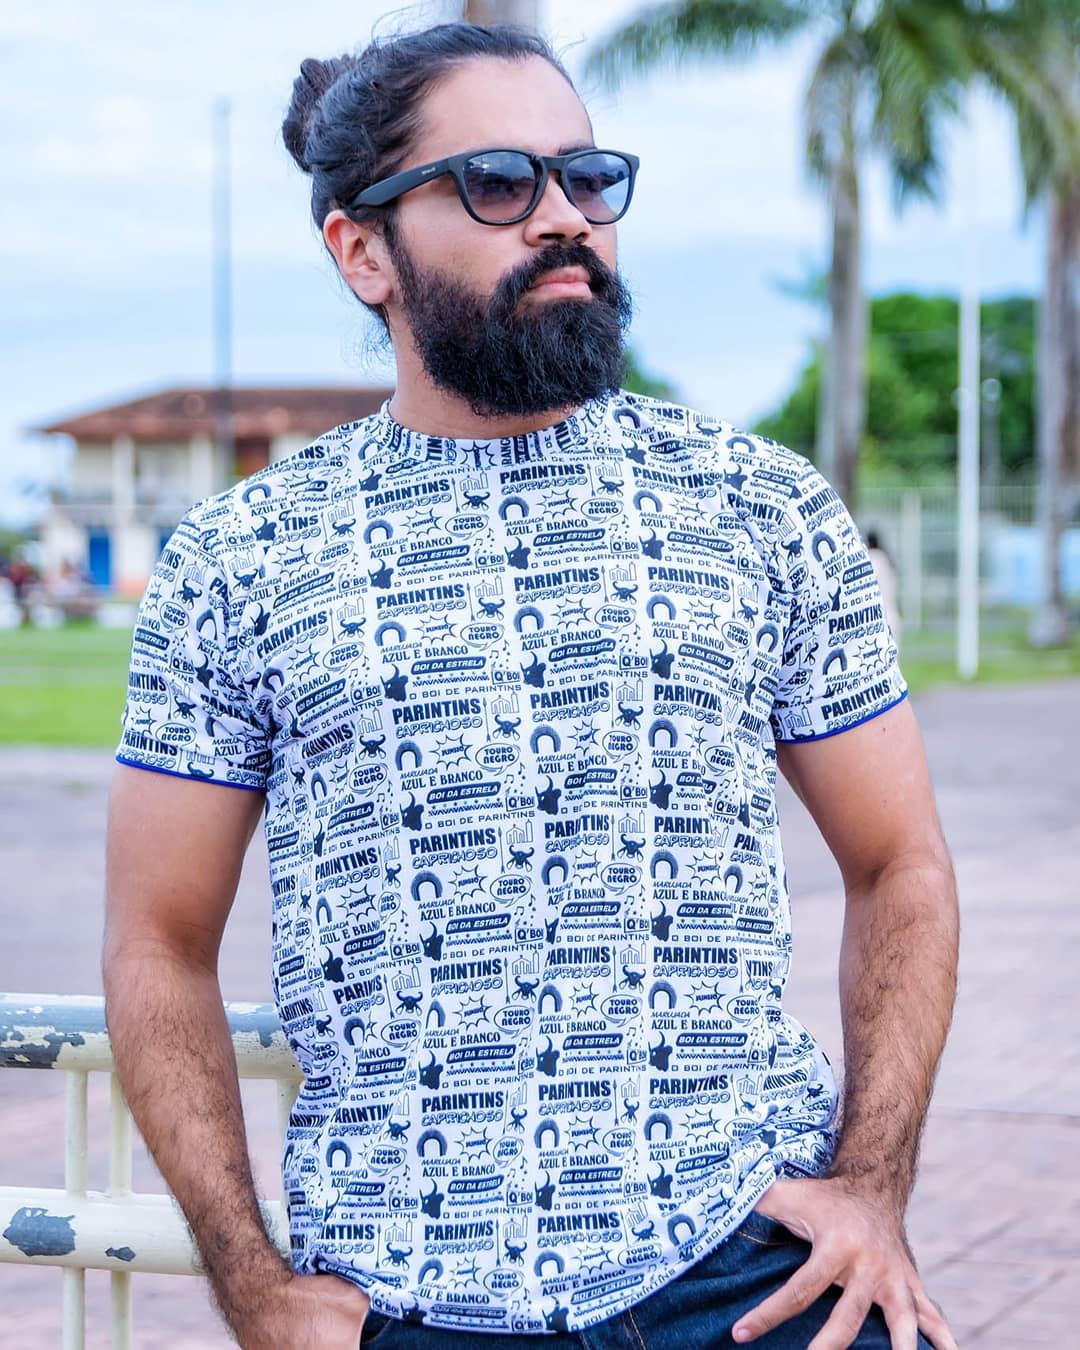 Camisa Caprichoso Gibi - Q BOI Produtos do Festival de Parintins